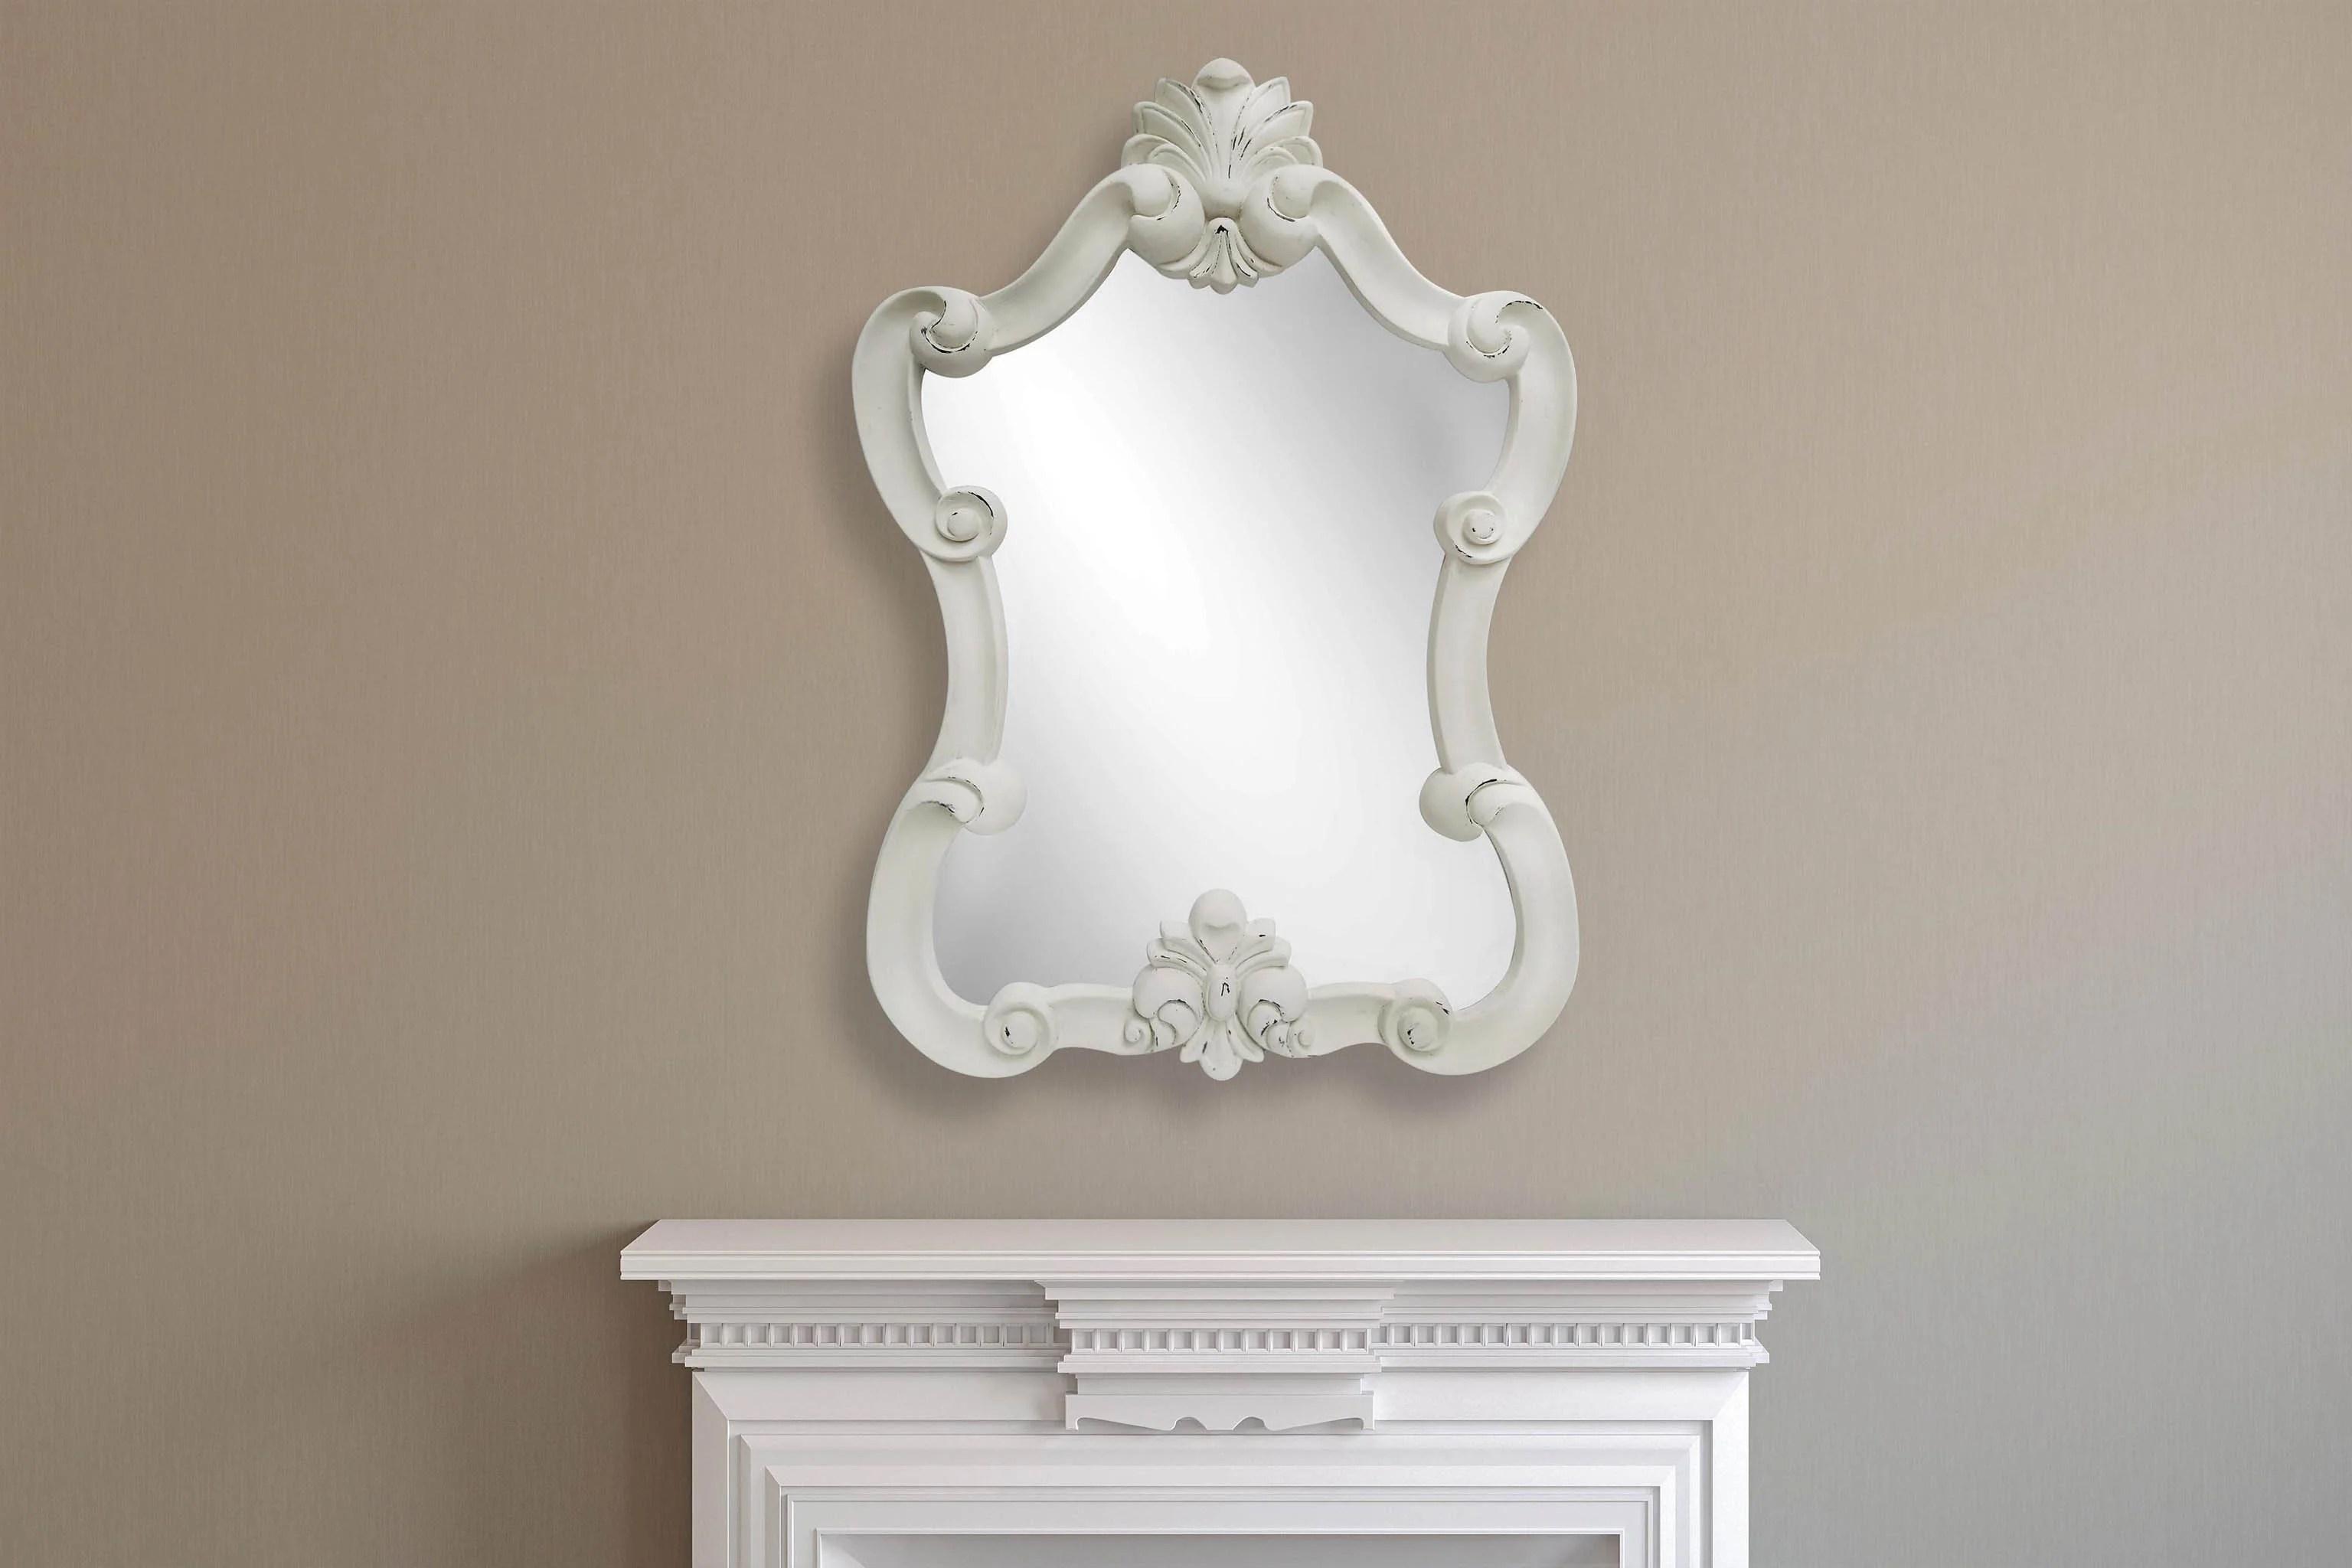 living room wall mirror height minimalist vintage elegant large portrait distressed cream rustic look light grey 112cm